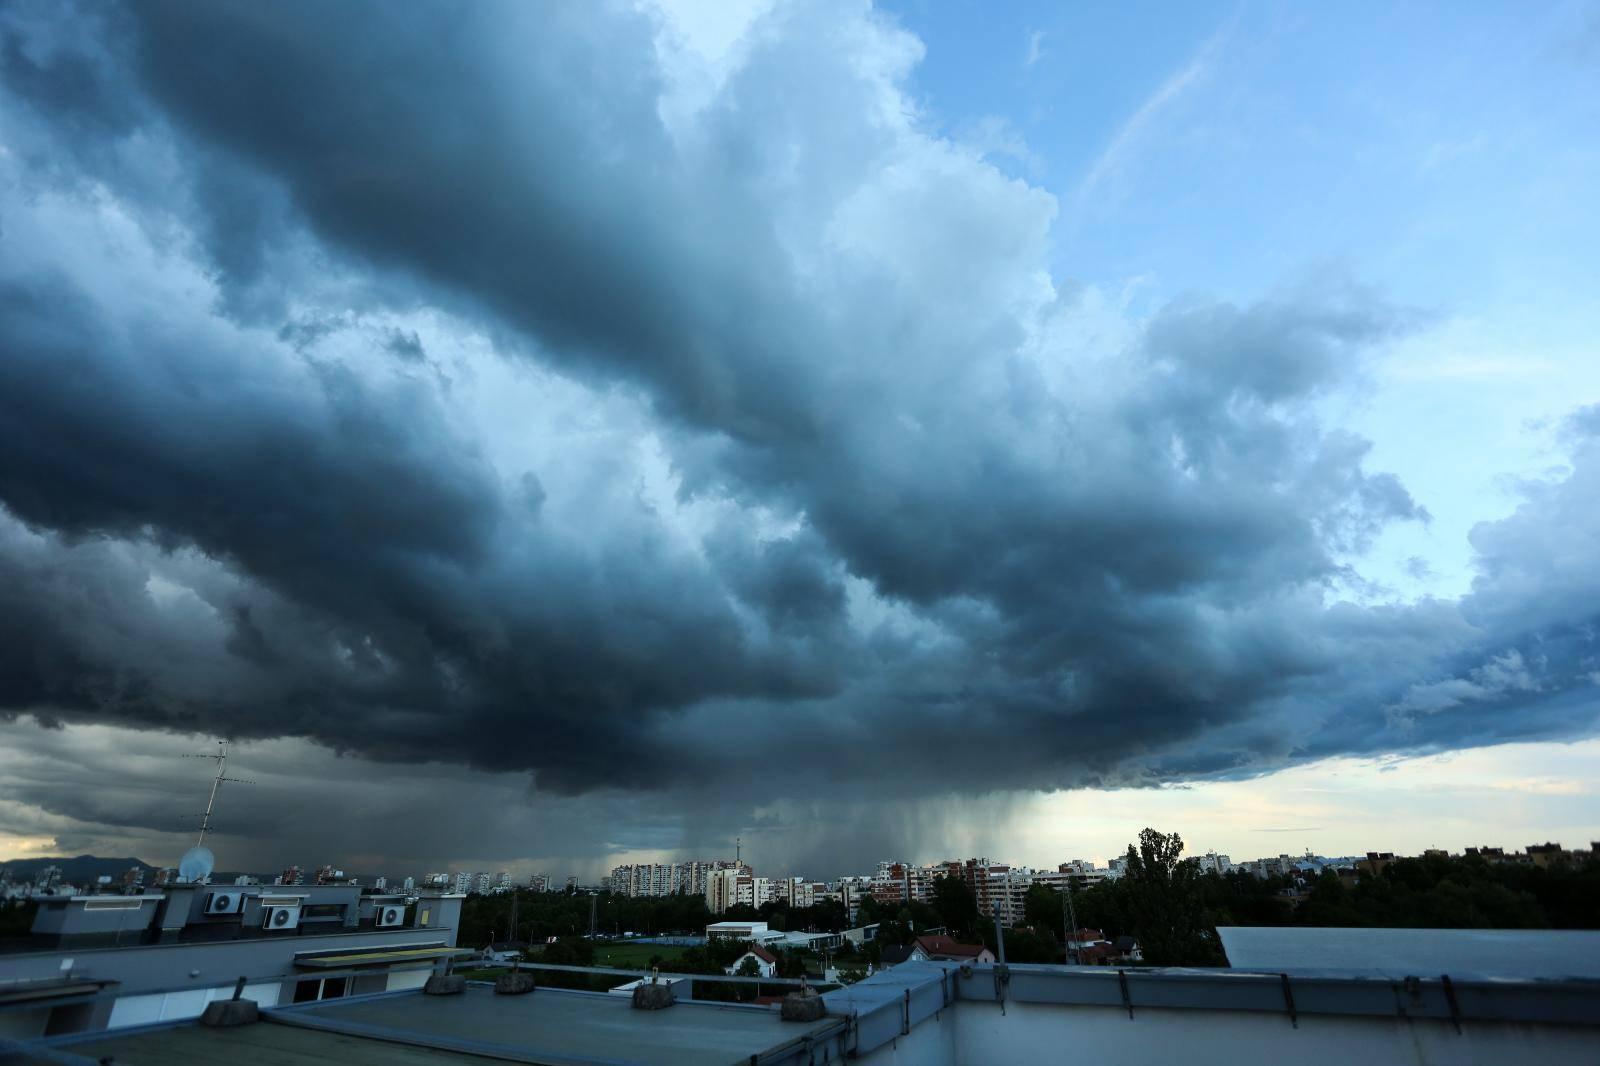 Olujni oblaci nad Zagrebom